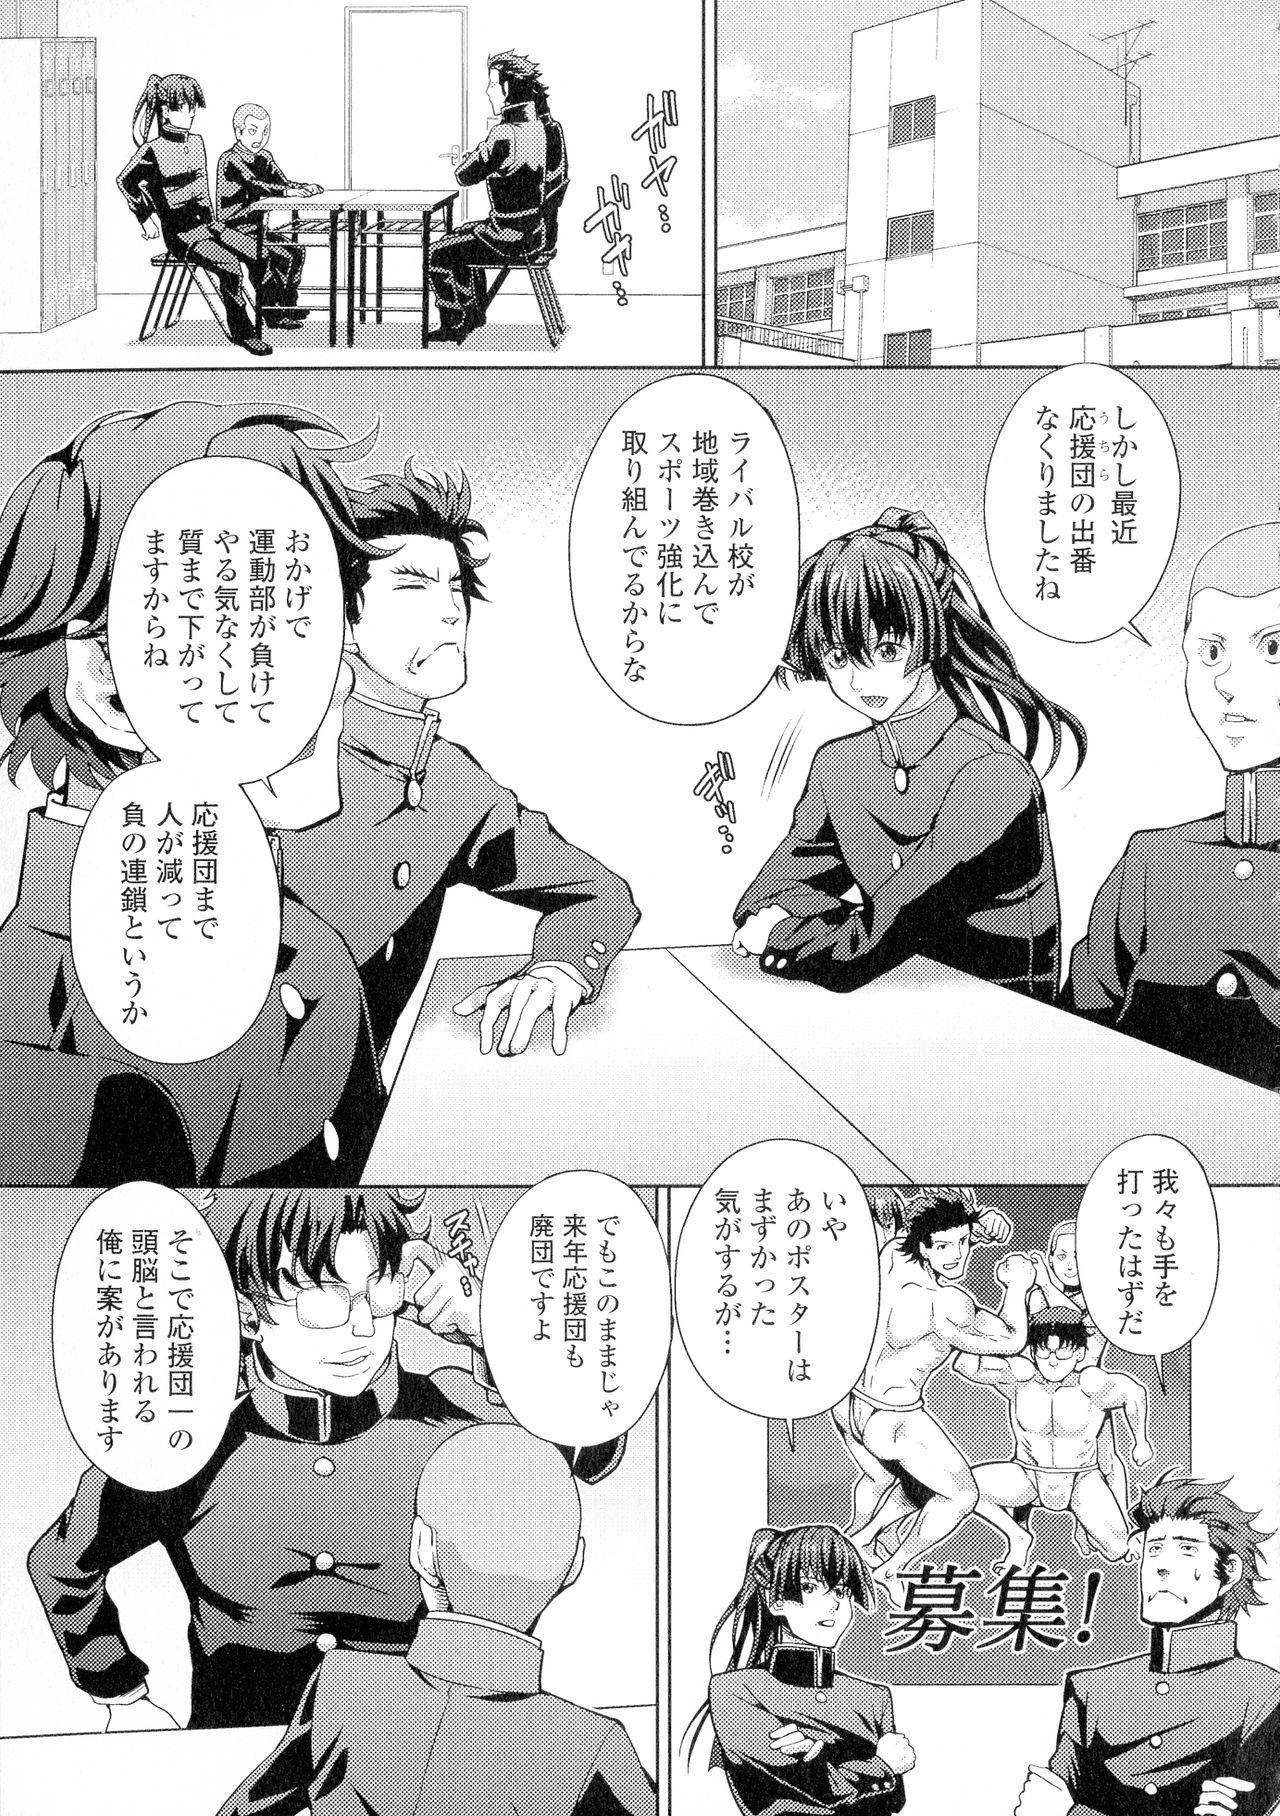 Futanari Tsunagari - Androgynos Sexual intercourse 101